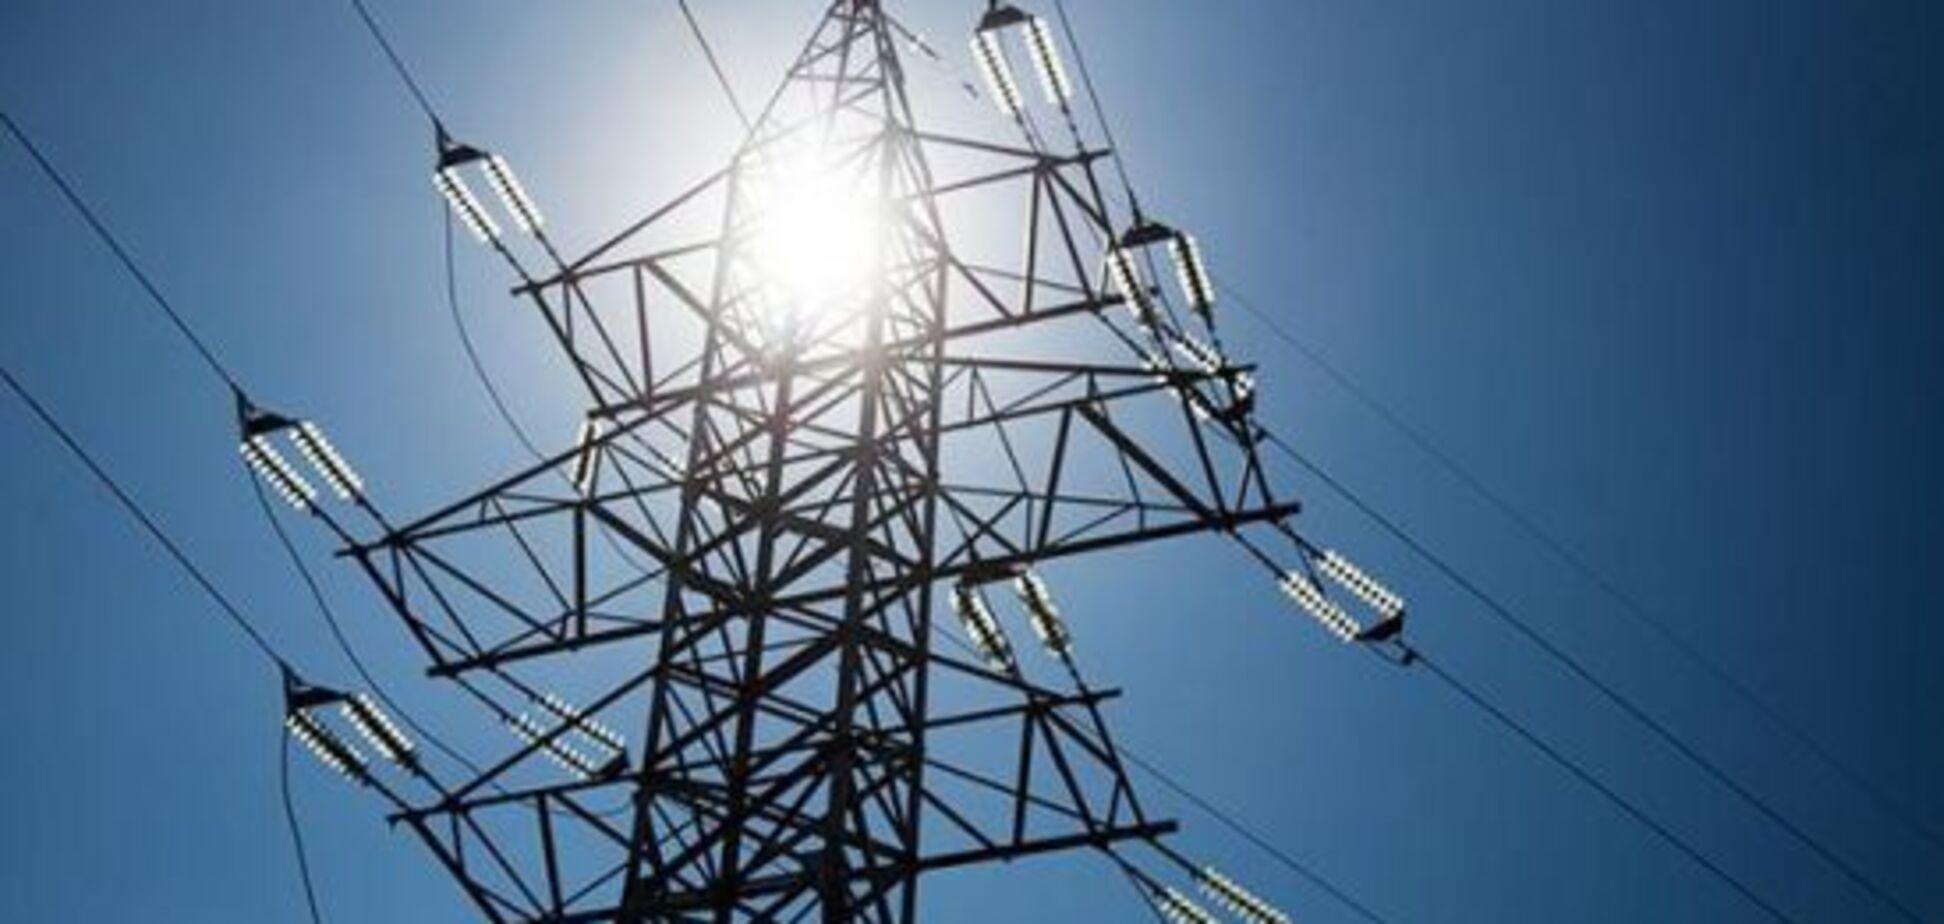 В Раде создали объединение для укрепления энергонезависимости и противодействия российской энергоэкспансии – Гриб